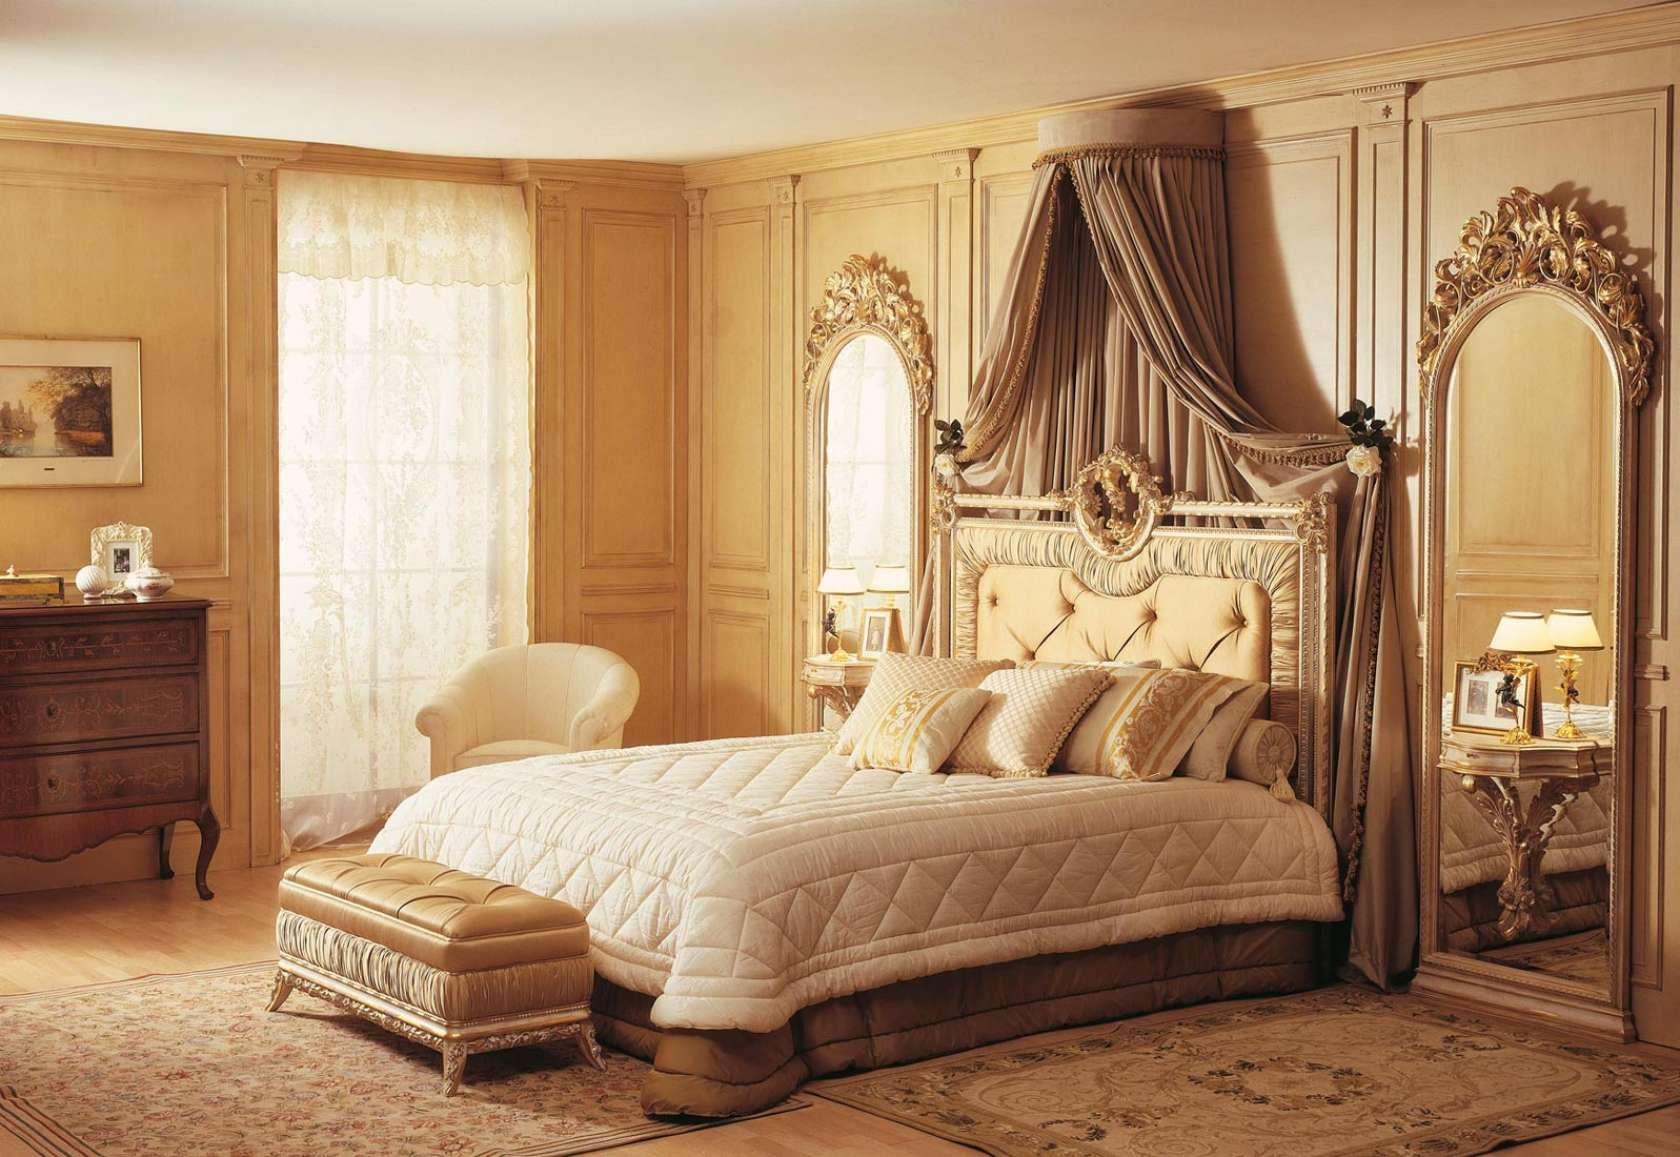 Mobili per camera da letto classica della versione Louvre | Luxury ...